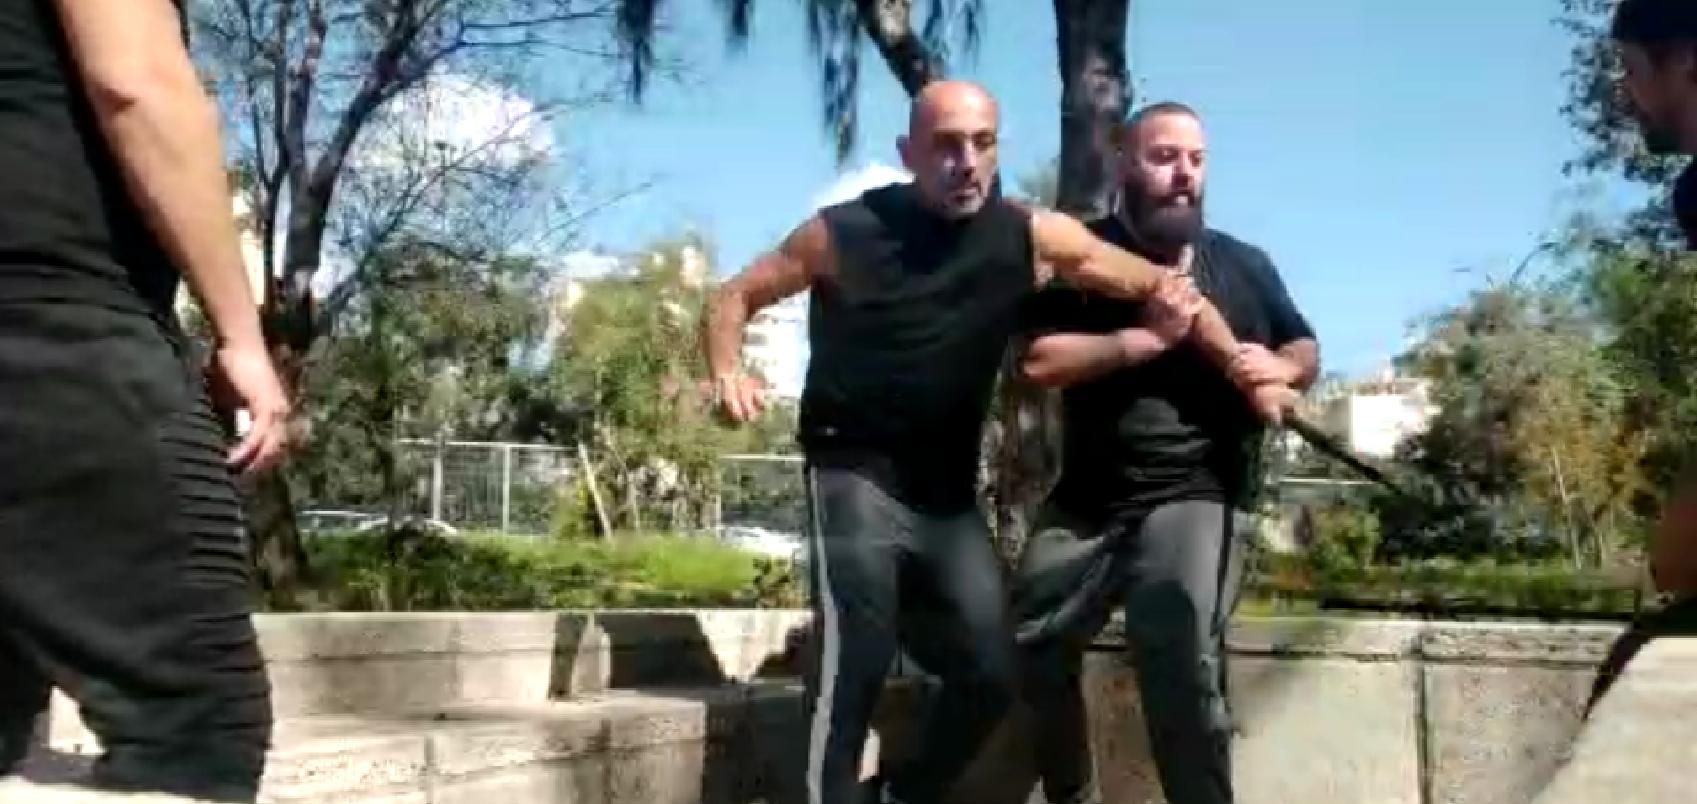 הגנה והתחמקויות מול 3 תוקפים חמושים בסכין - נינגיטסו אימון חגורות שחורות - SCIL